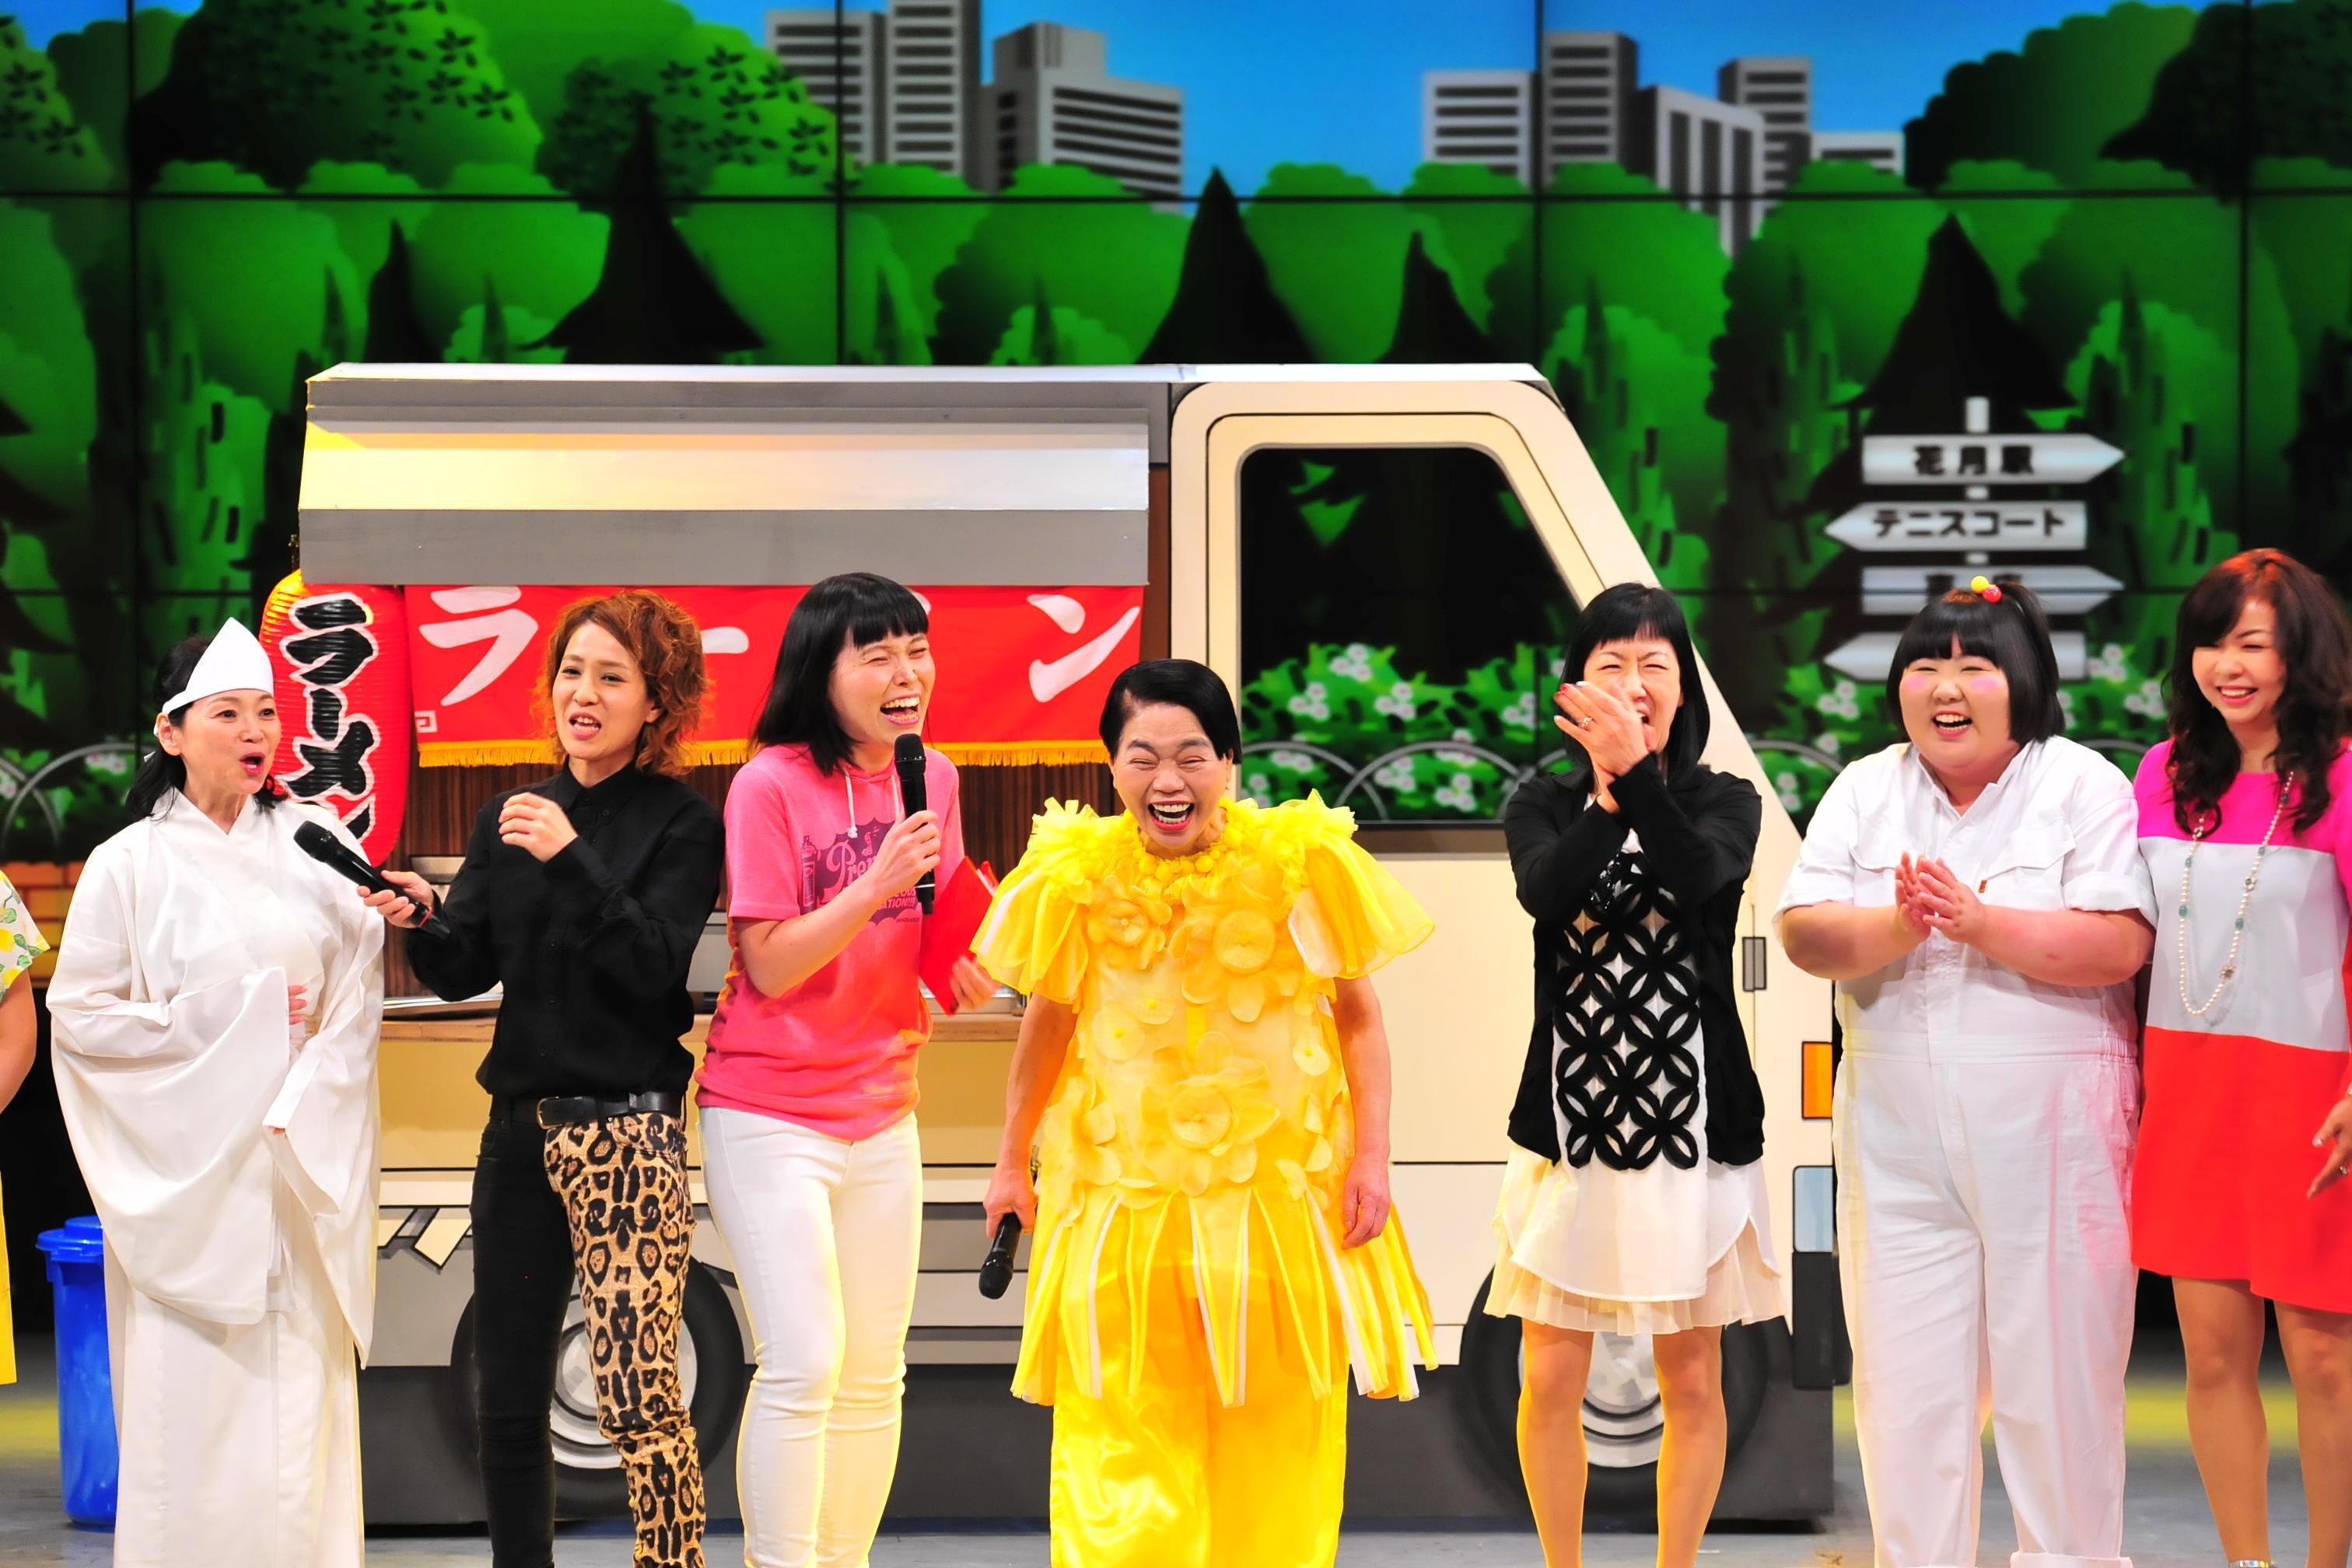 http://news.yoshimoto.co.jp/20160908201045-5c6cece625208c078de5b46a2f3f7759cc8206b9.jpg